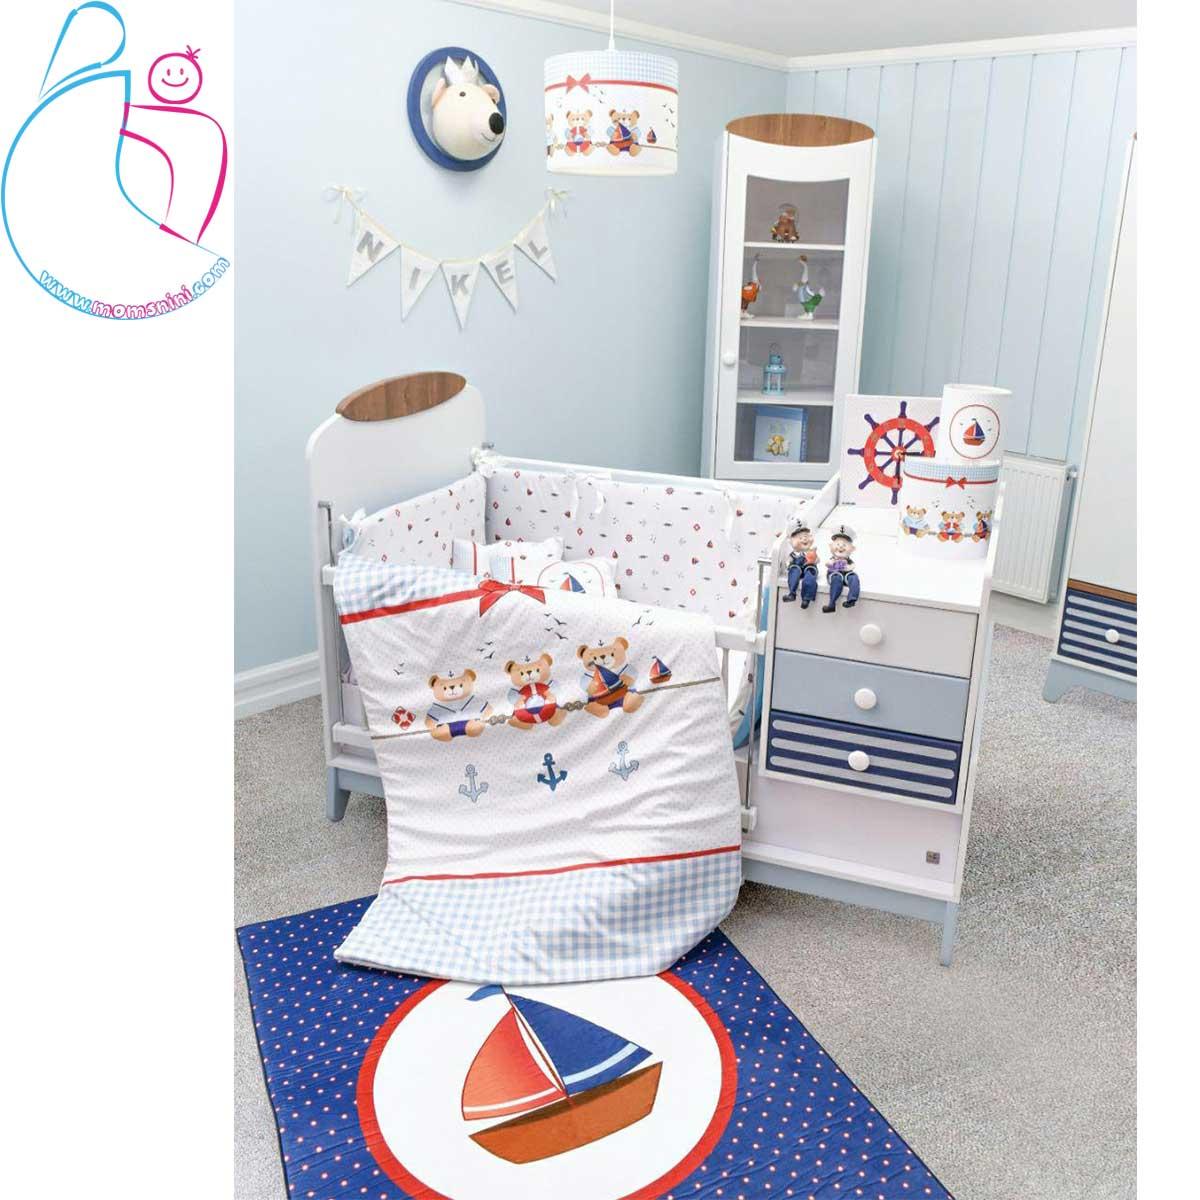 ست کامل اتاق کودک طرح ملوان